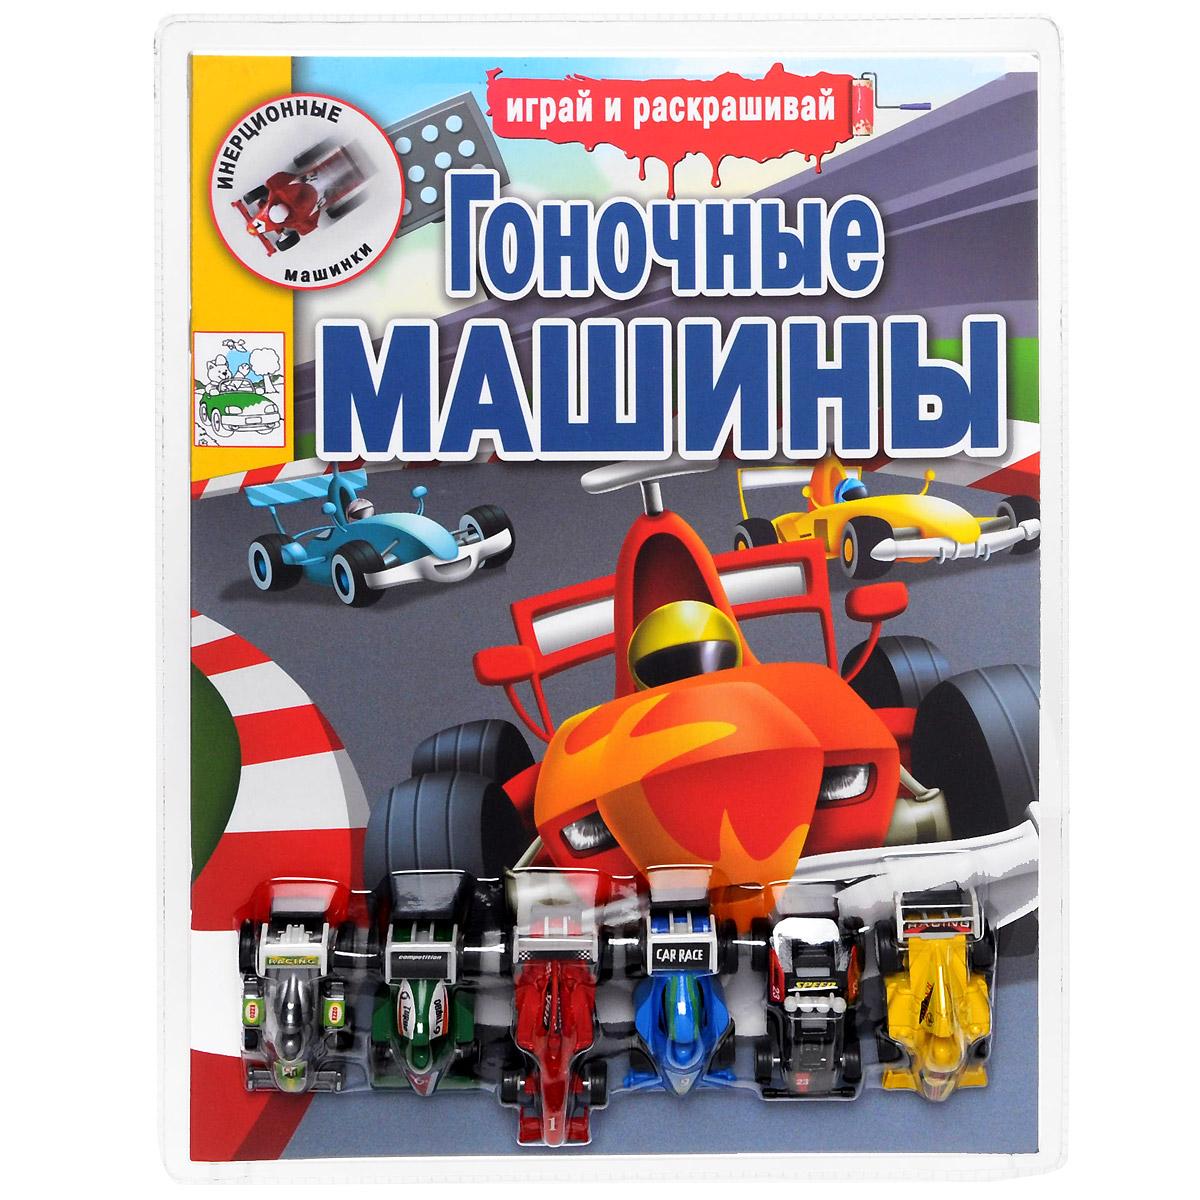 Гоночные машины. Раскраска (+ 6 игрушек) ( 978-5-9951-2142-8 )